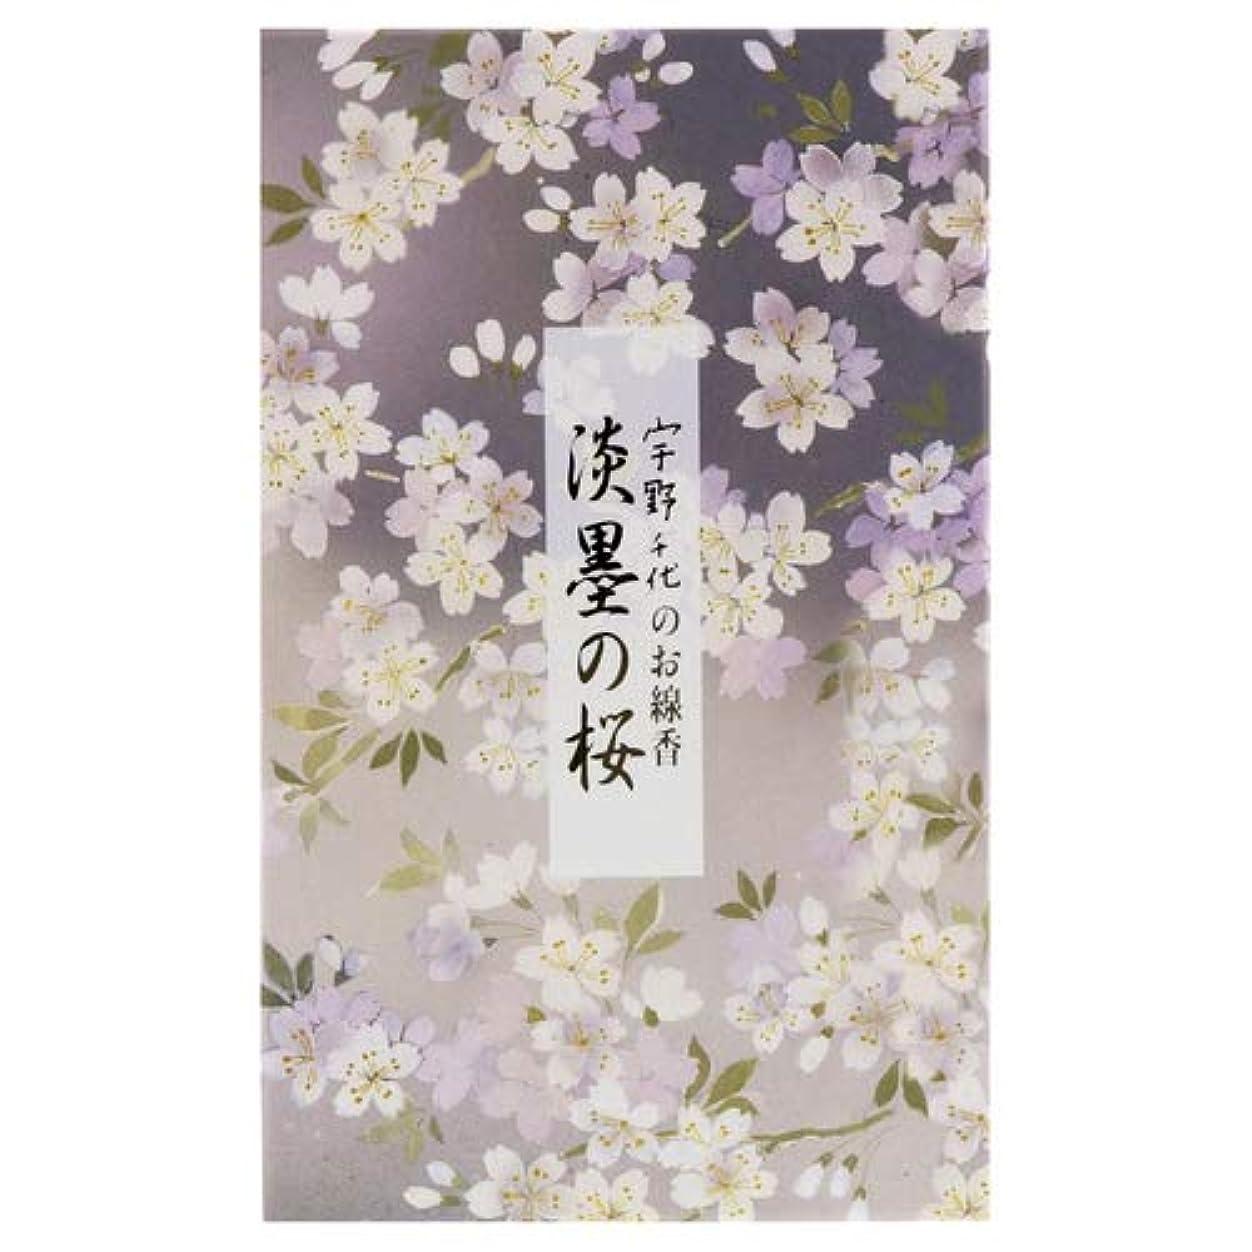 クレア癒すログ宇野千代のお線香 淡墨の桜 バラ詰